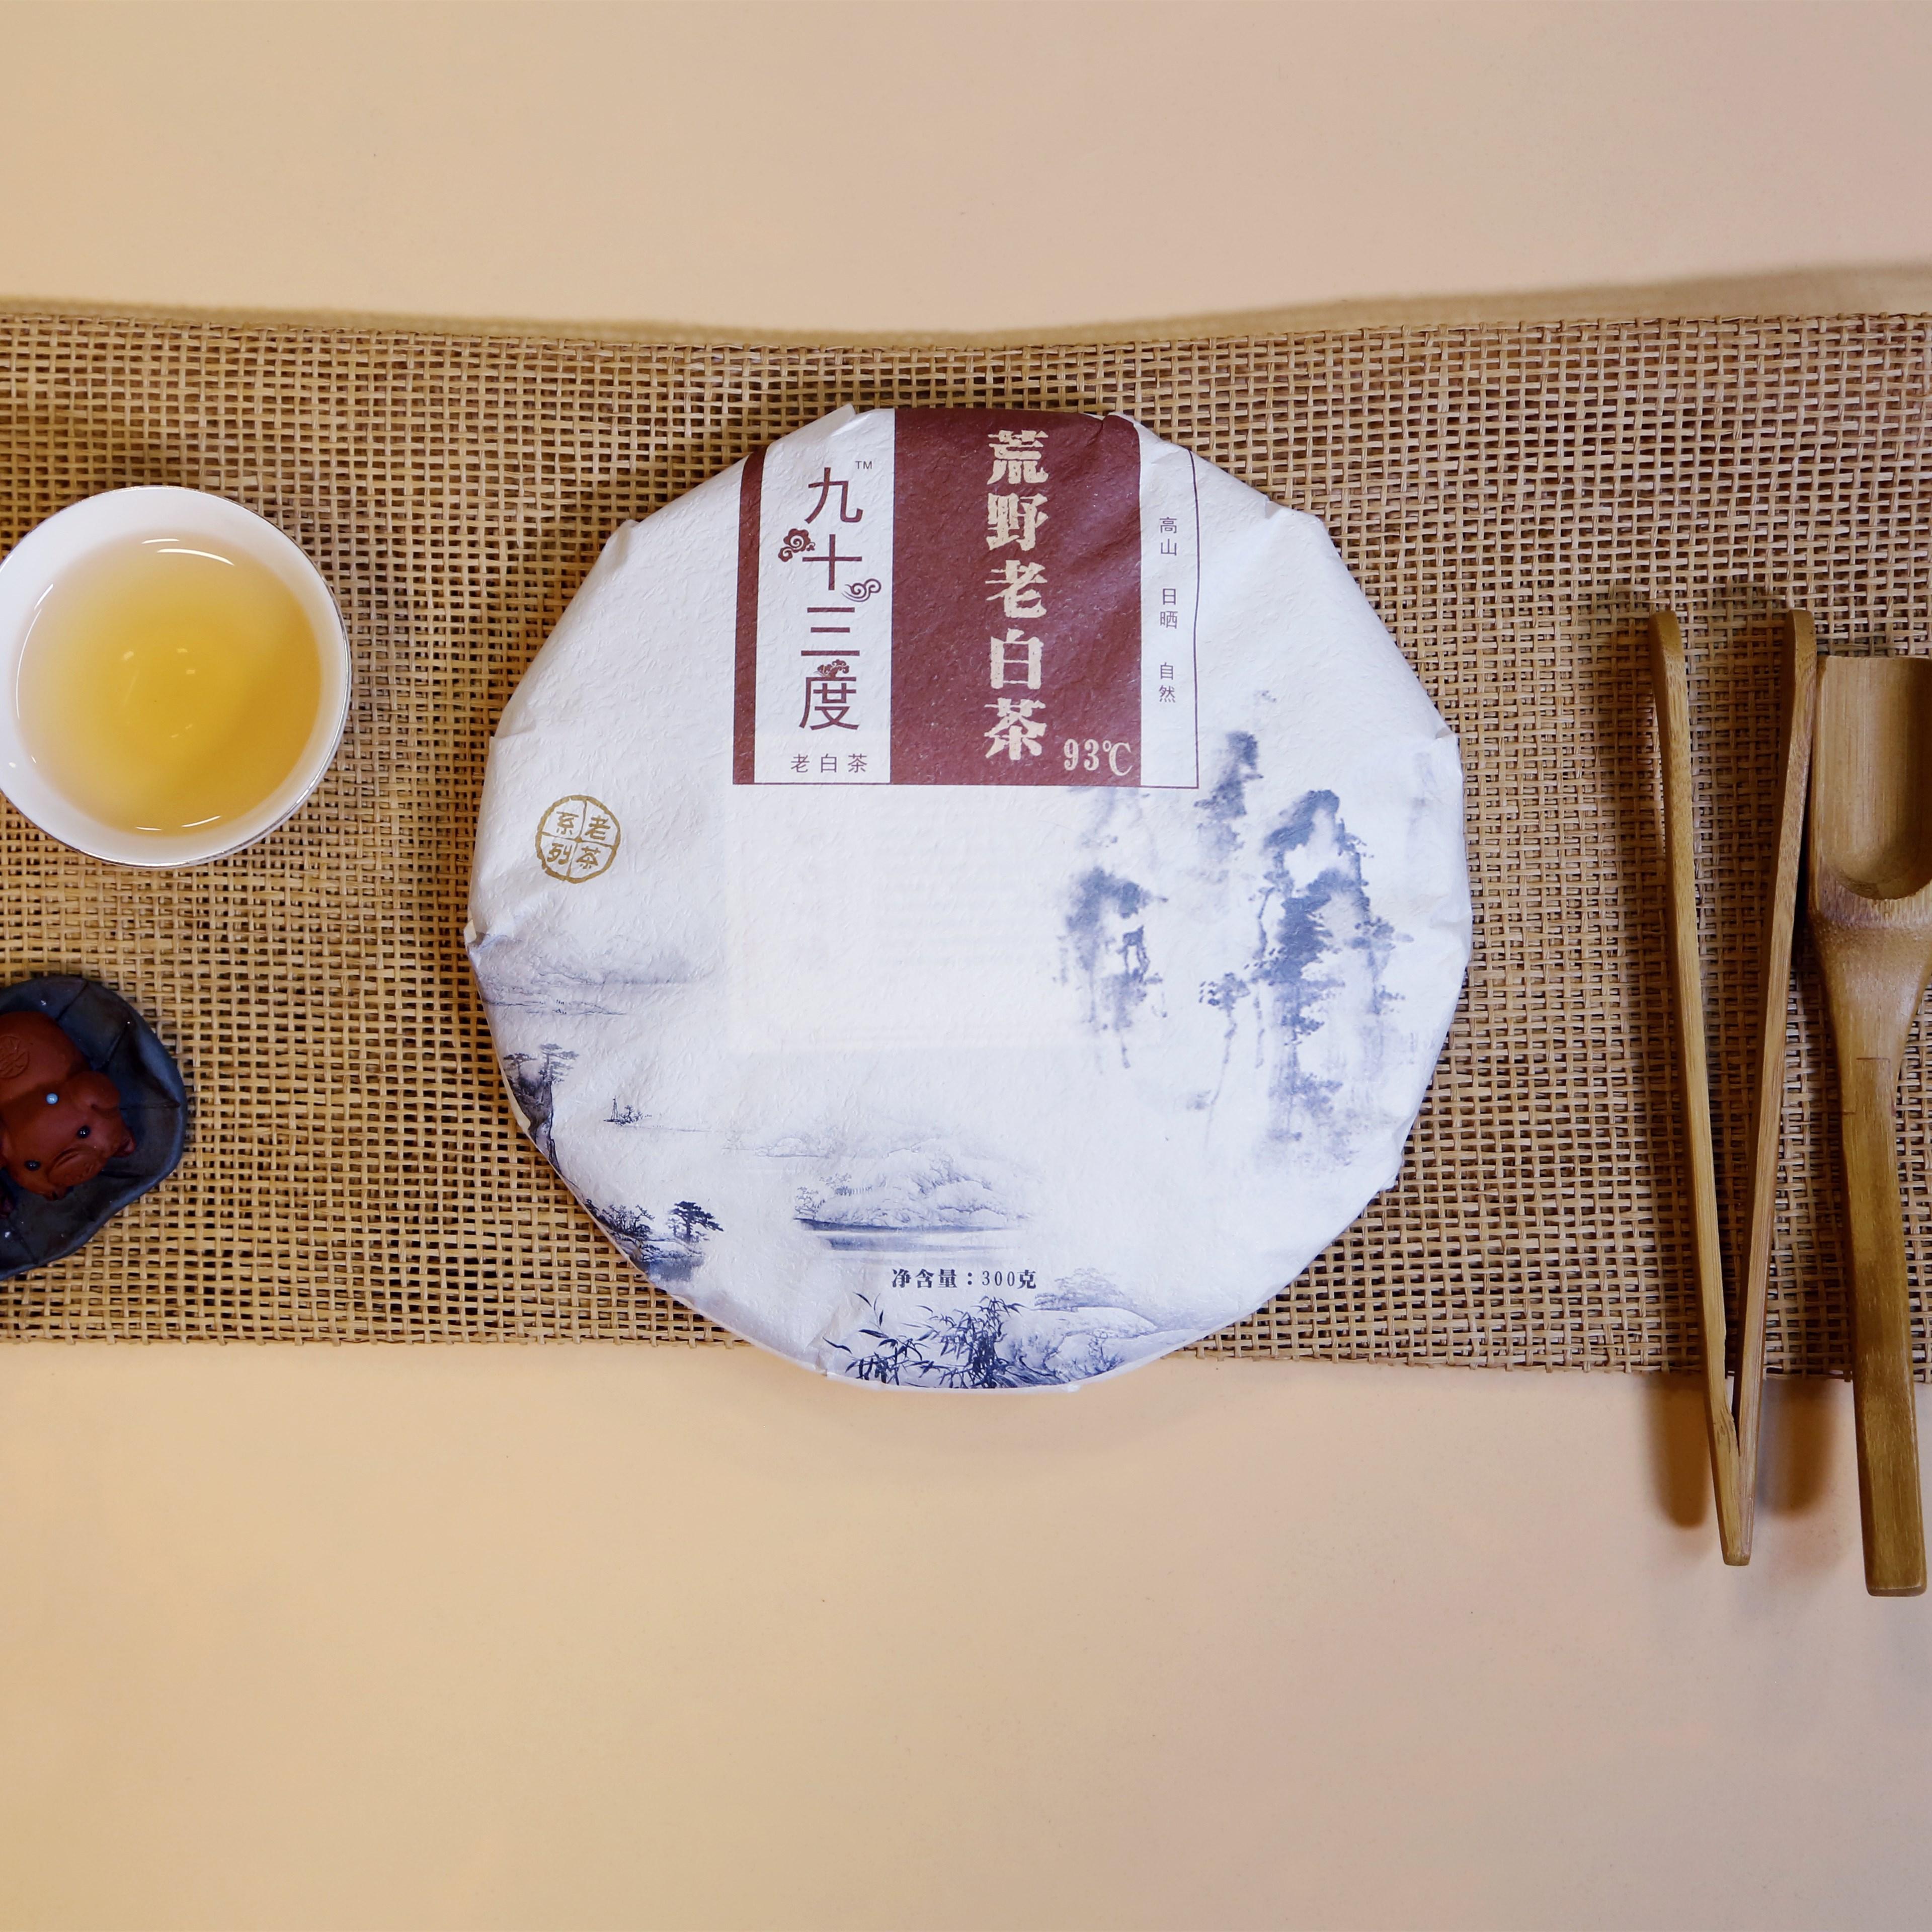 政和、福鼎和建阳的白茶的差别在哪里